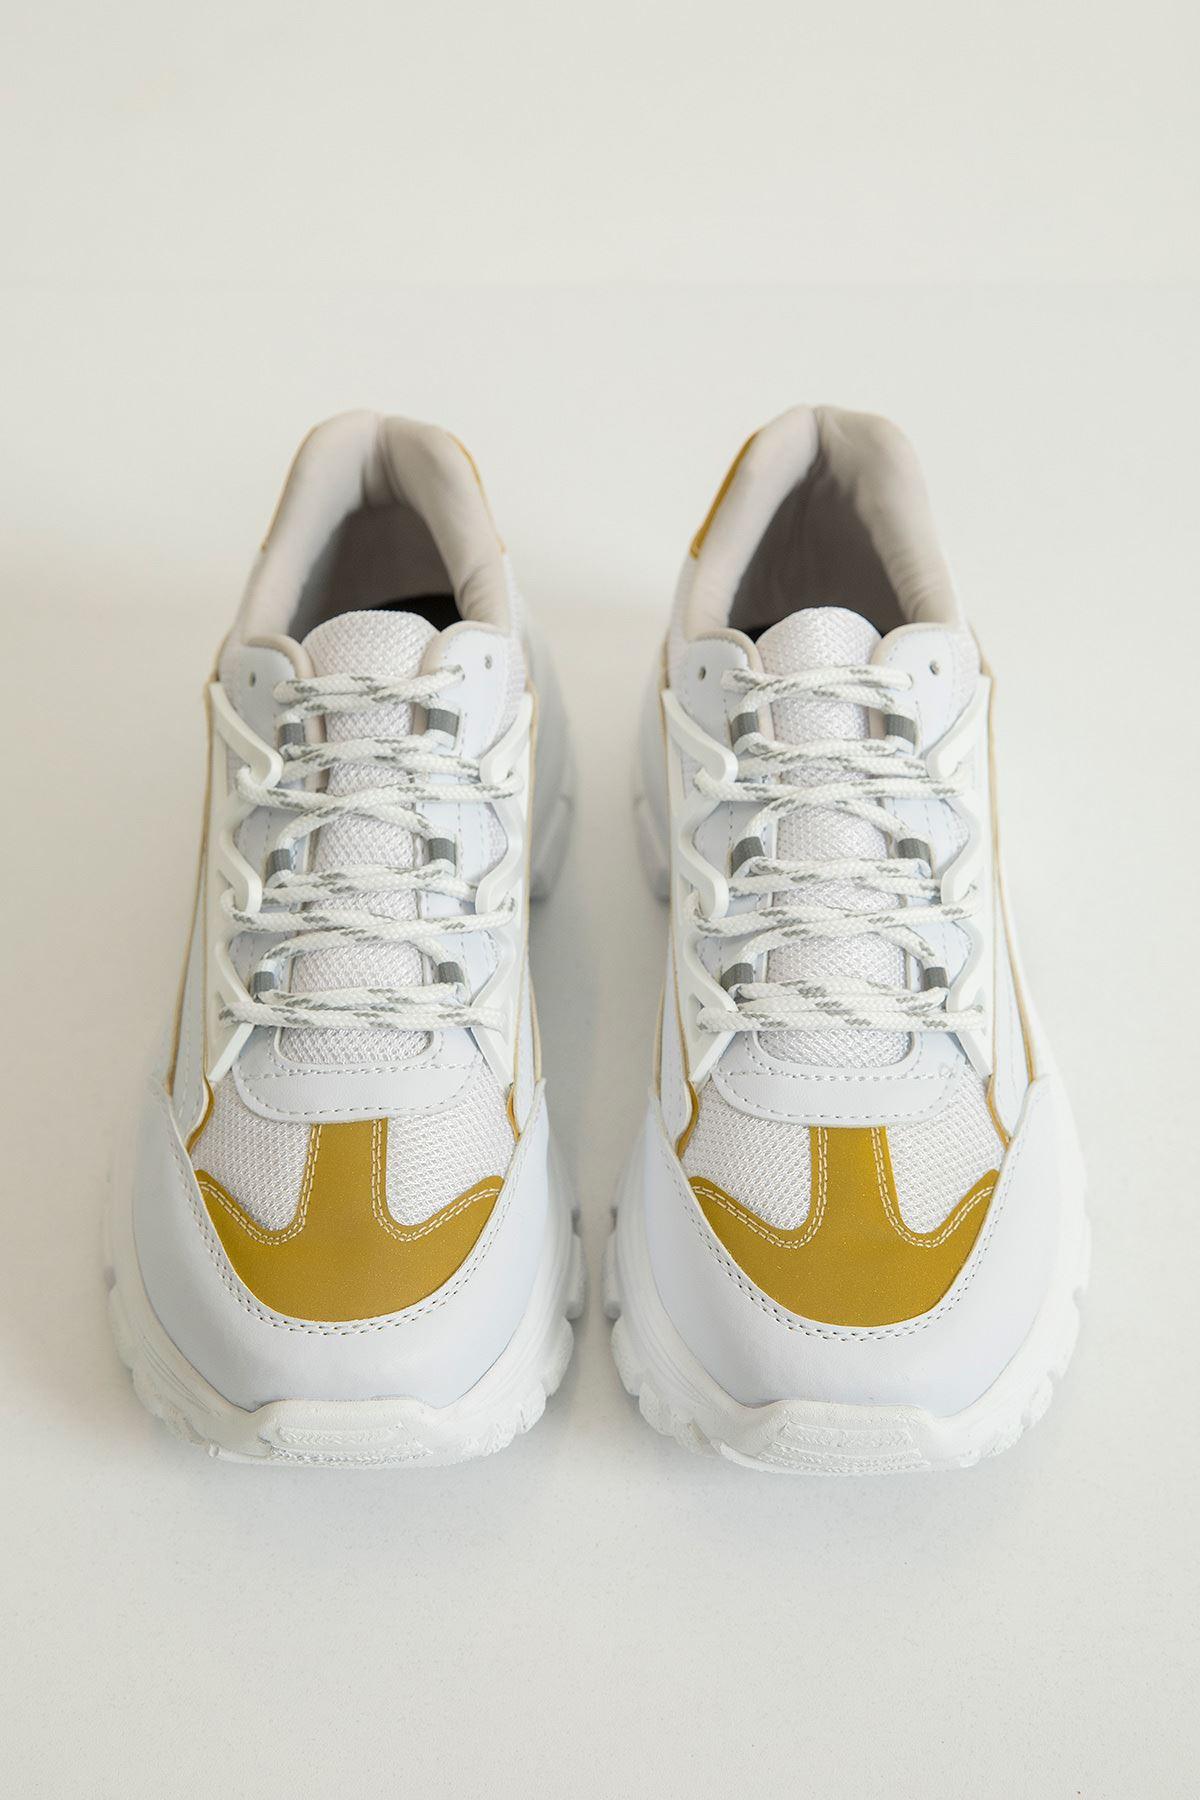 Parlak Detay Spor Ayakkabı-Hardal